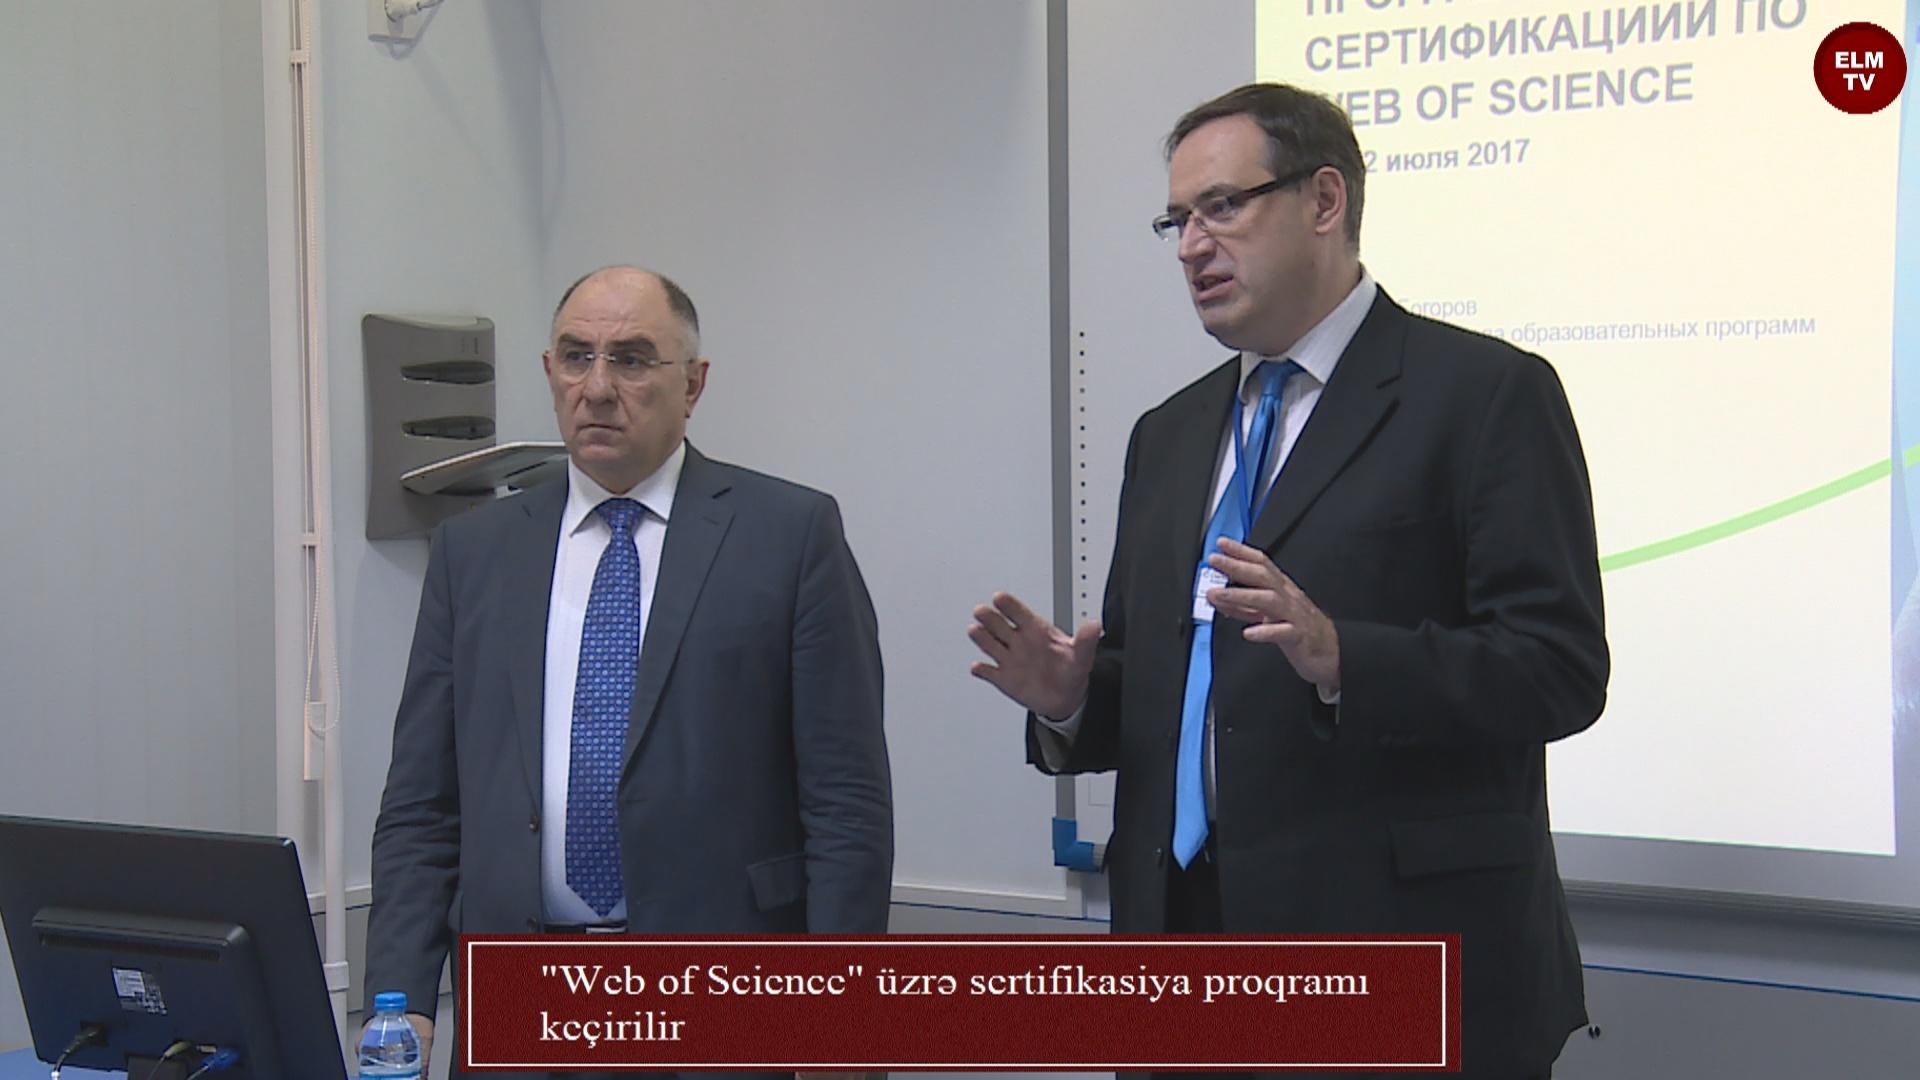 """""""Web of Science"""" üzrə sertifikasiya proqramı keçirilir"""